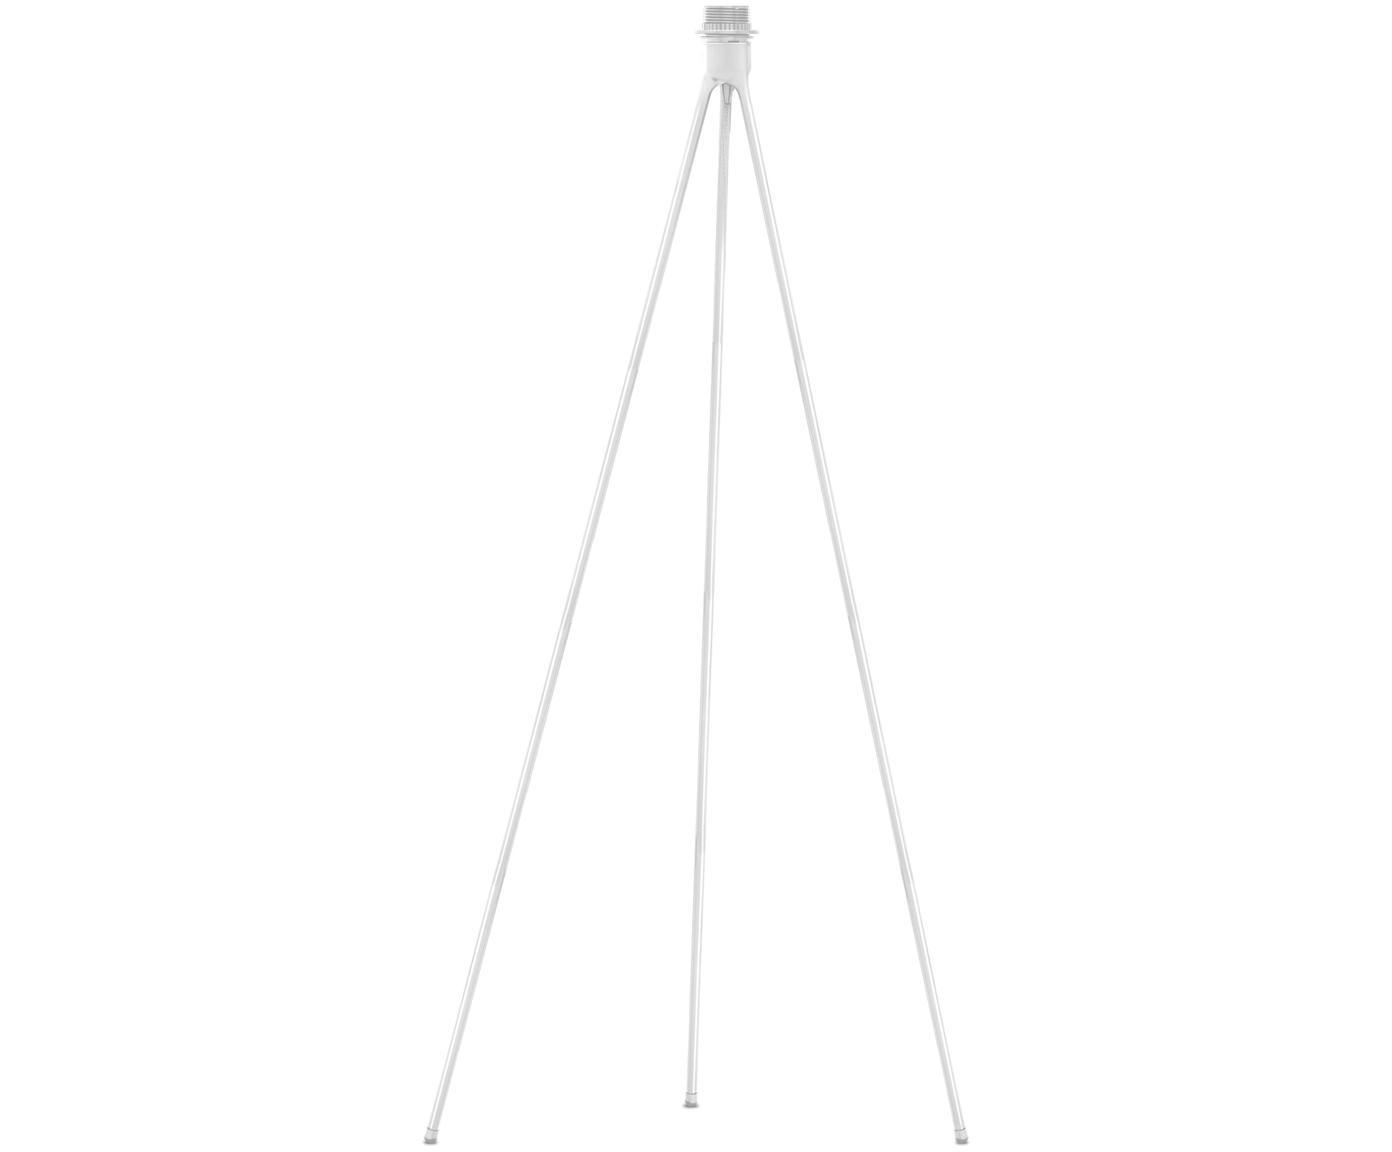 Base de lámpara de pie de diseño Trípode, Base de la lámpara: aluminio, recubierto, Cable: cubierto en tela, Blanco, Ø 50 x Al 109 cm